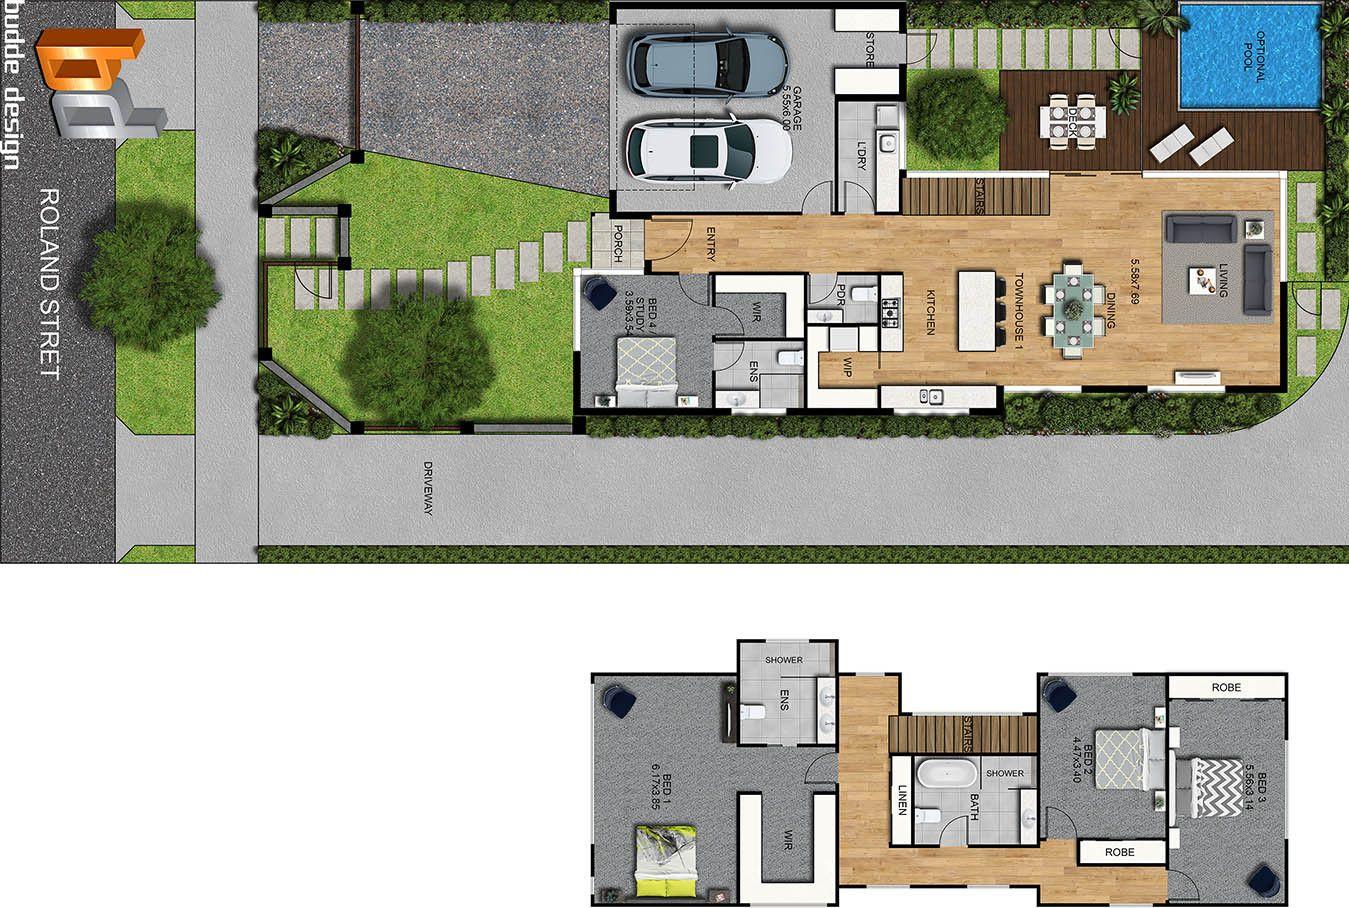 2d Colour Floor Plan 2 Level Home Floor Plans Site Plans Level Homes